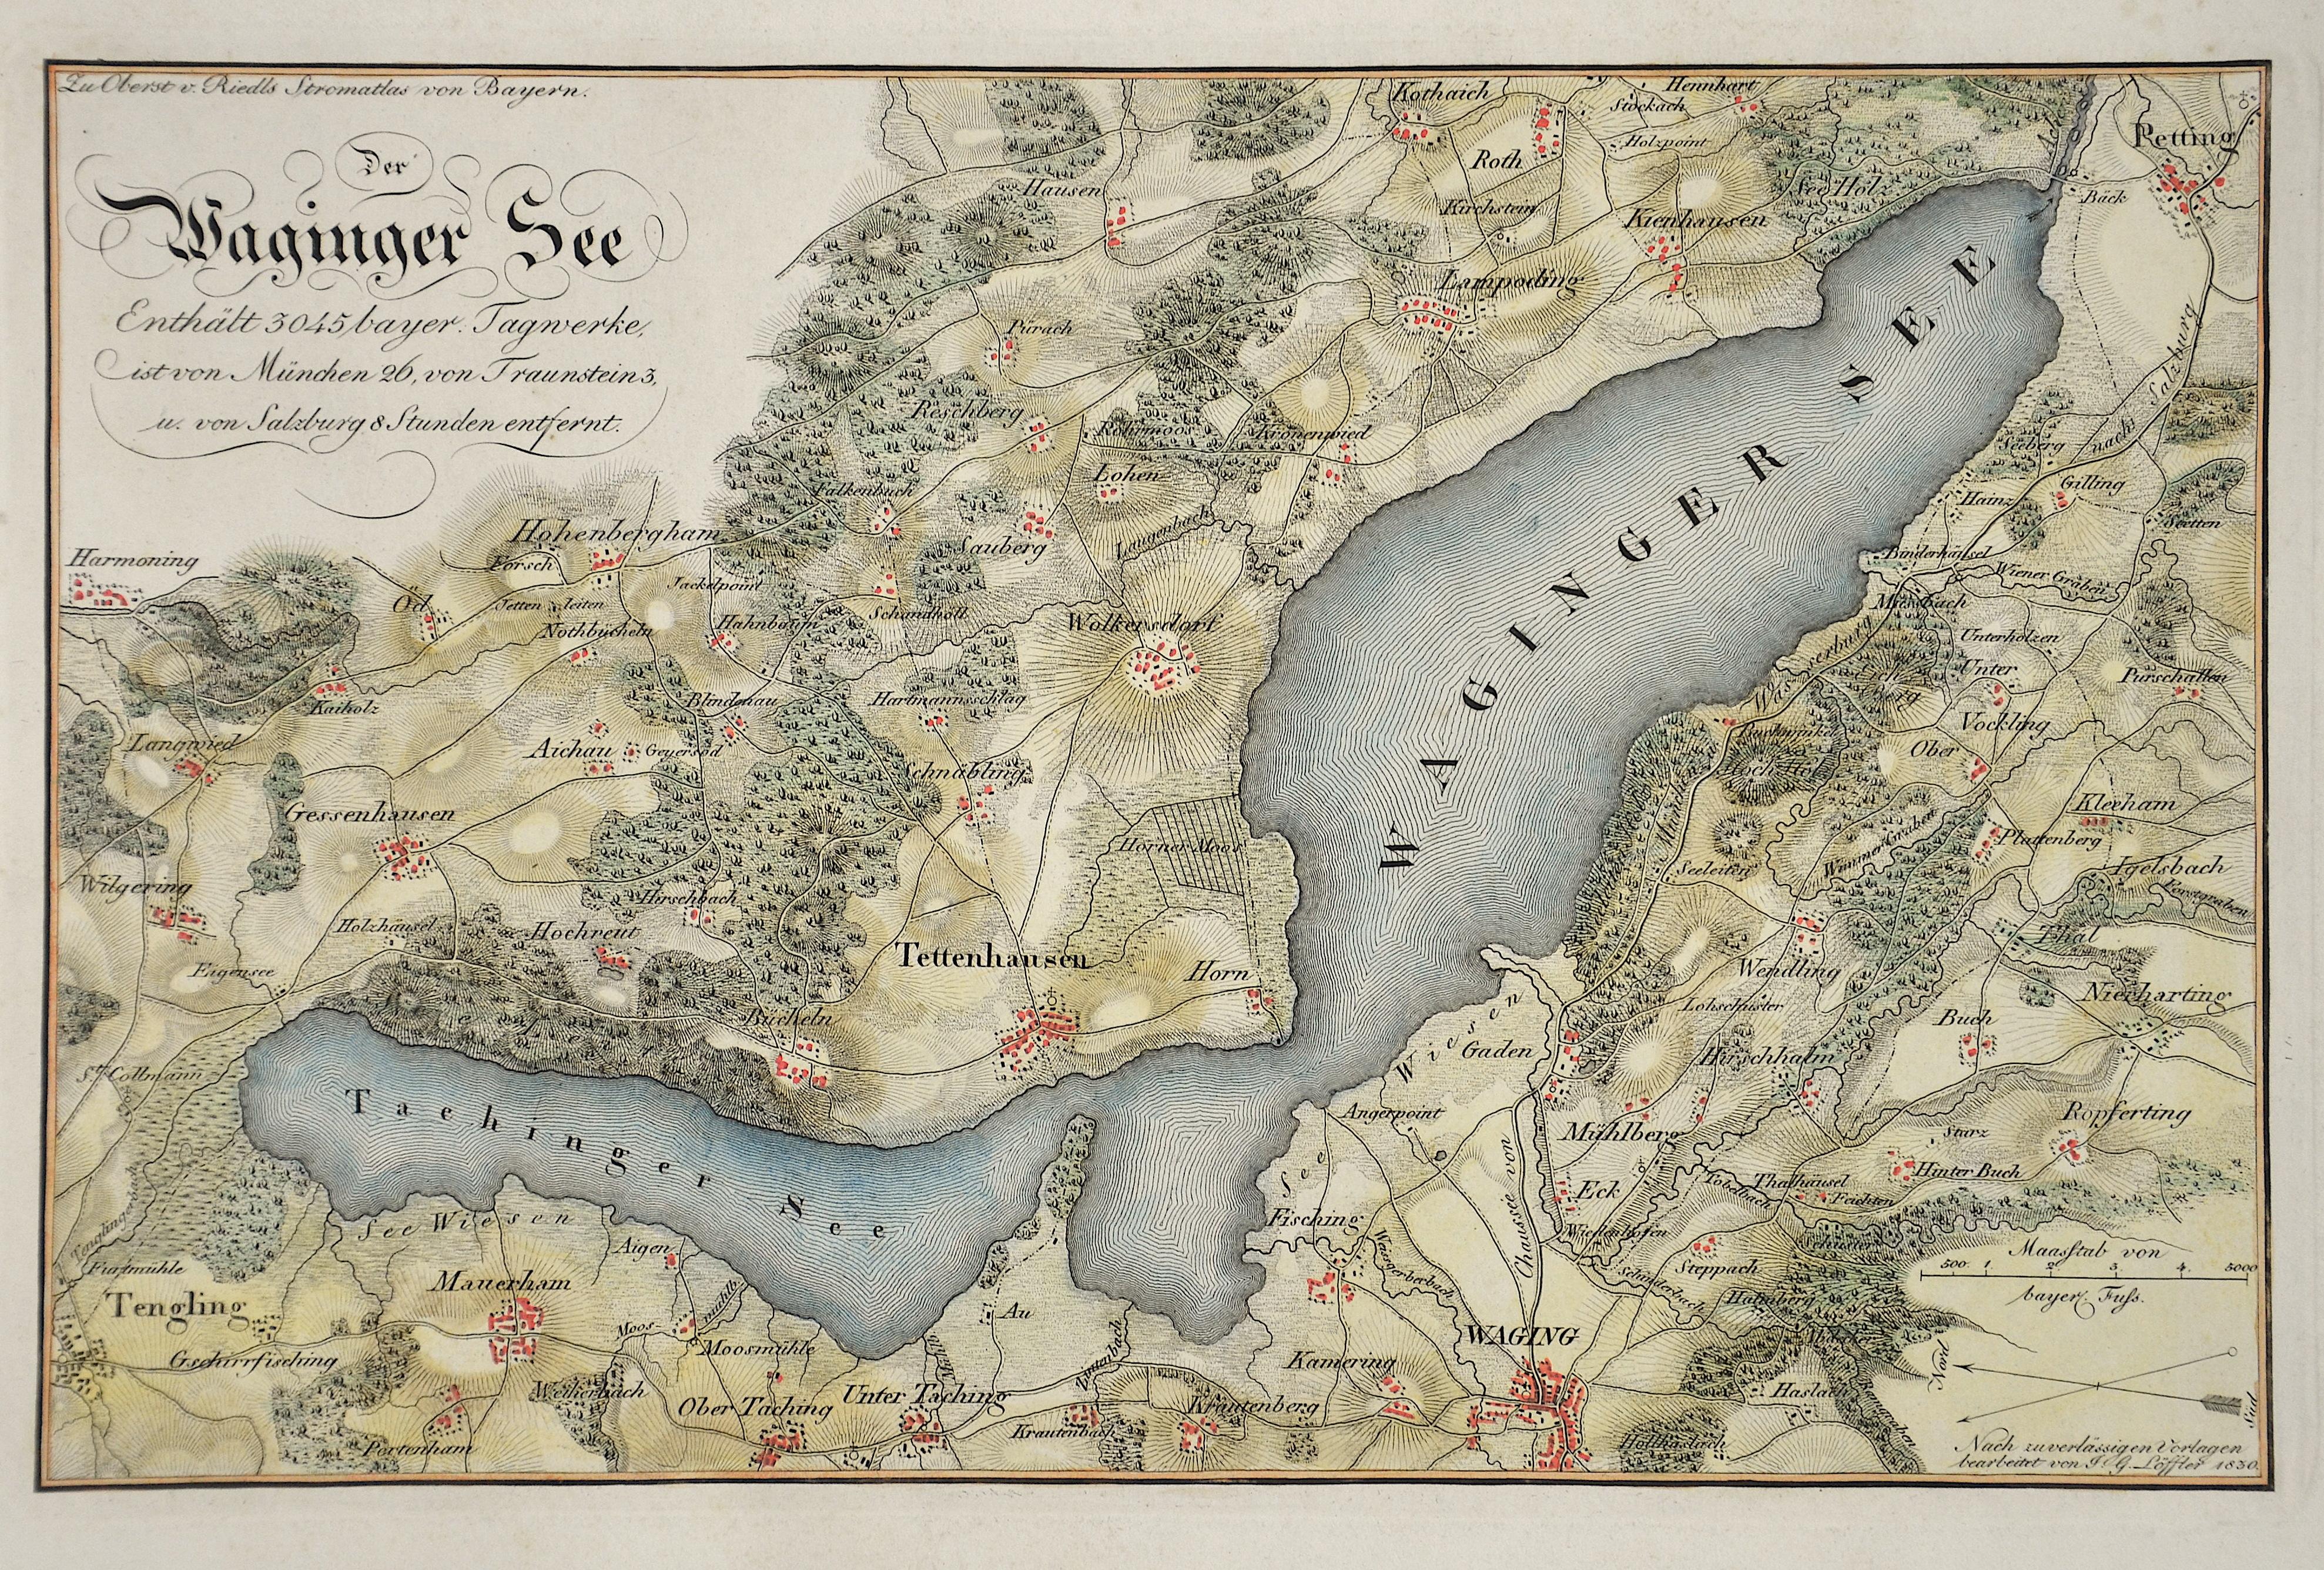 Riedl Adrian von Der Waginger See